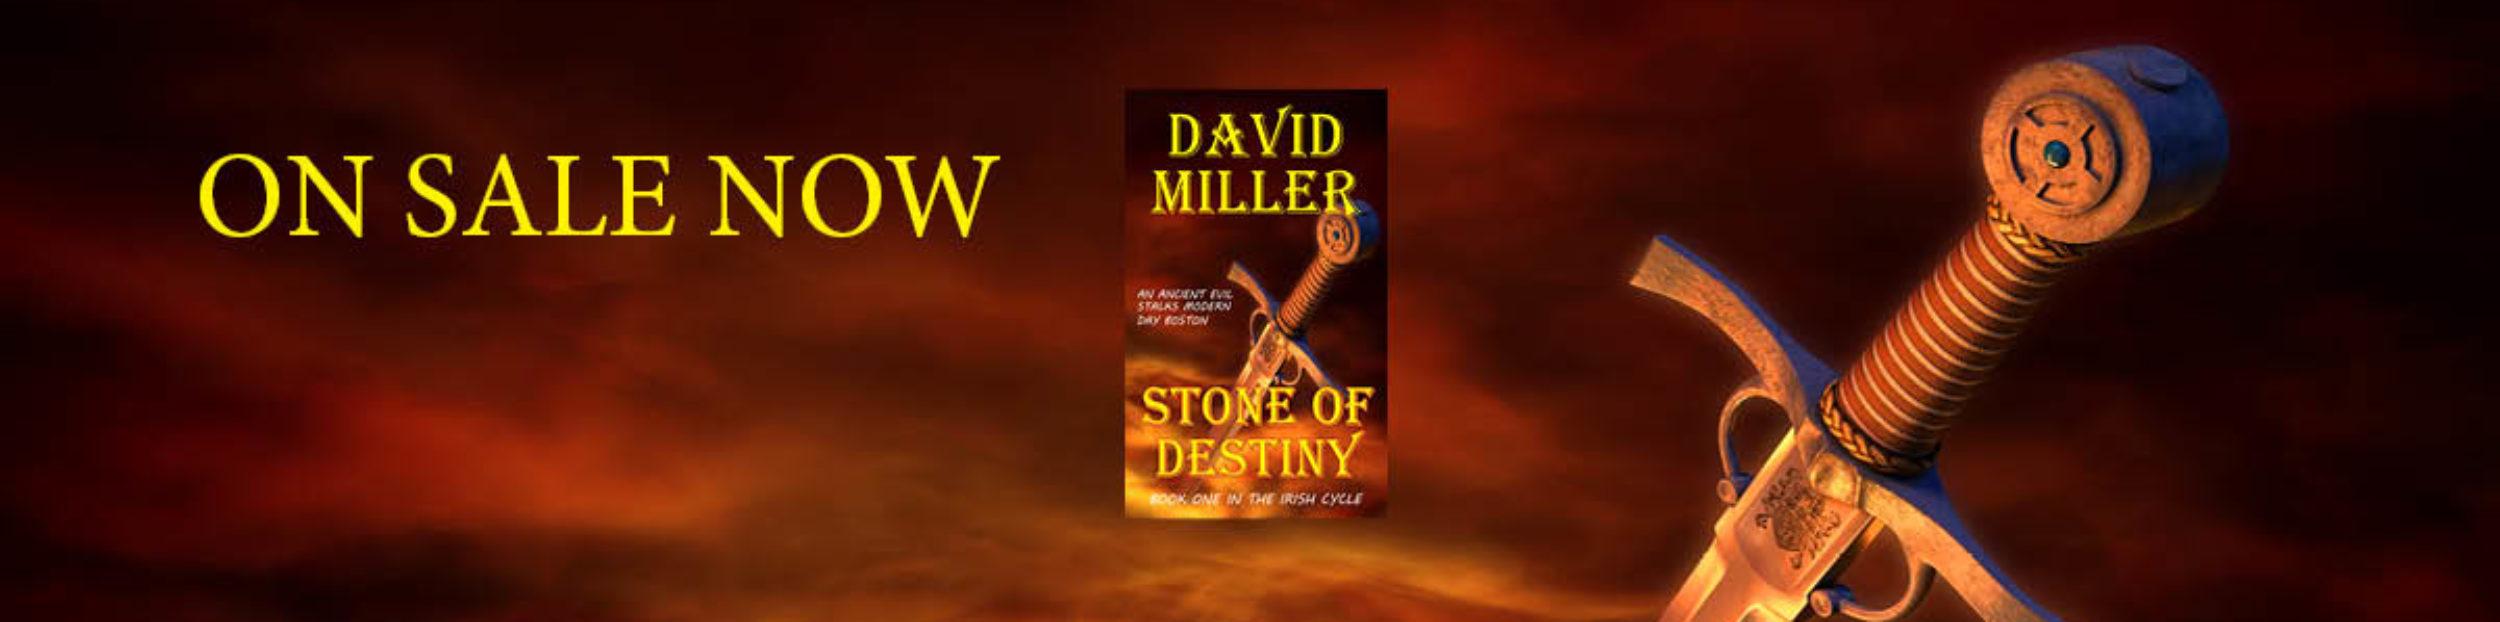 David Miller-Author.com